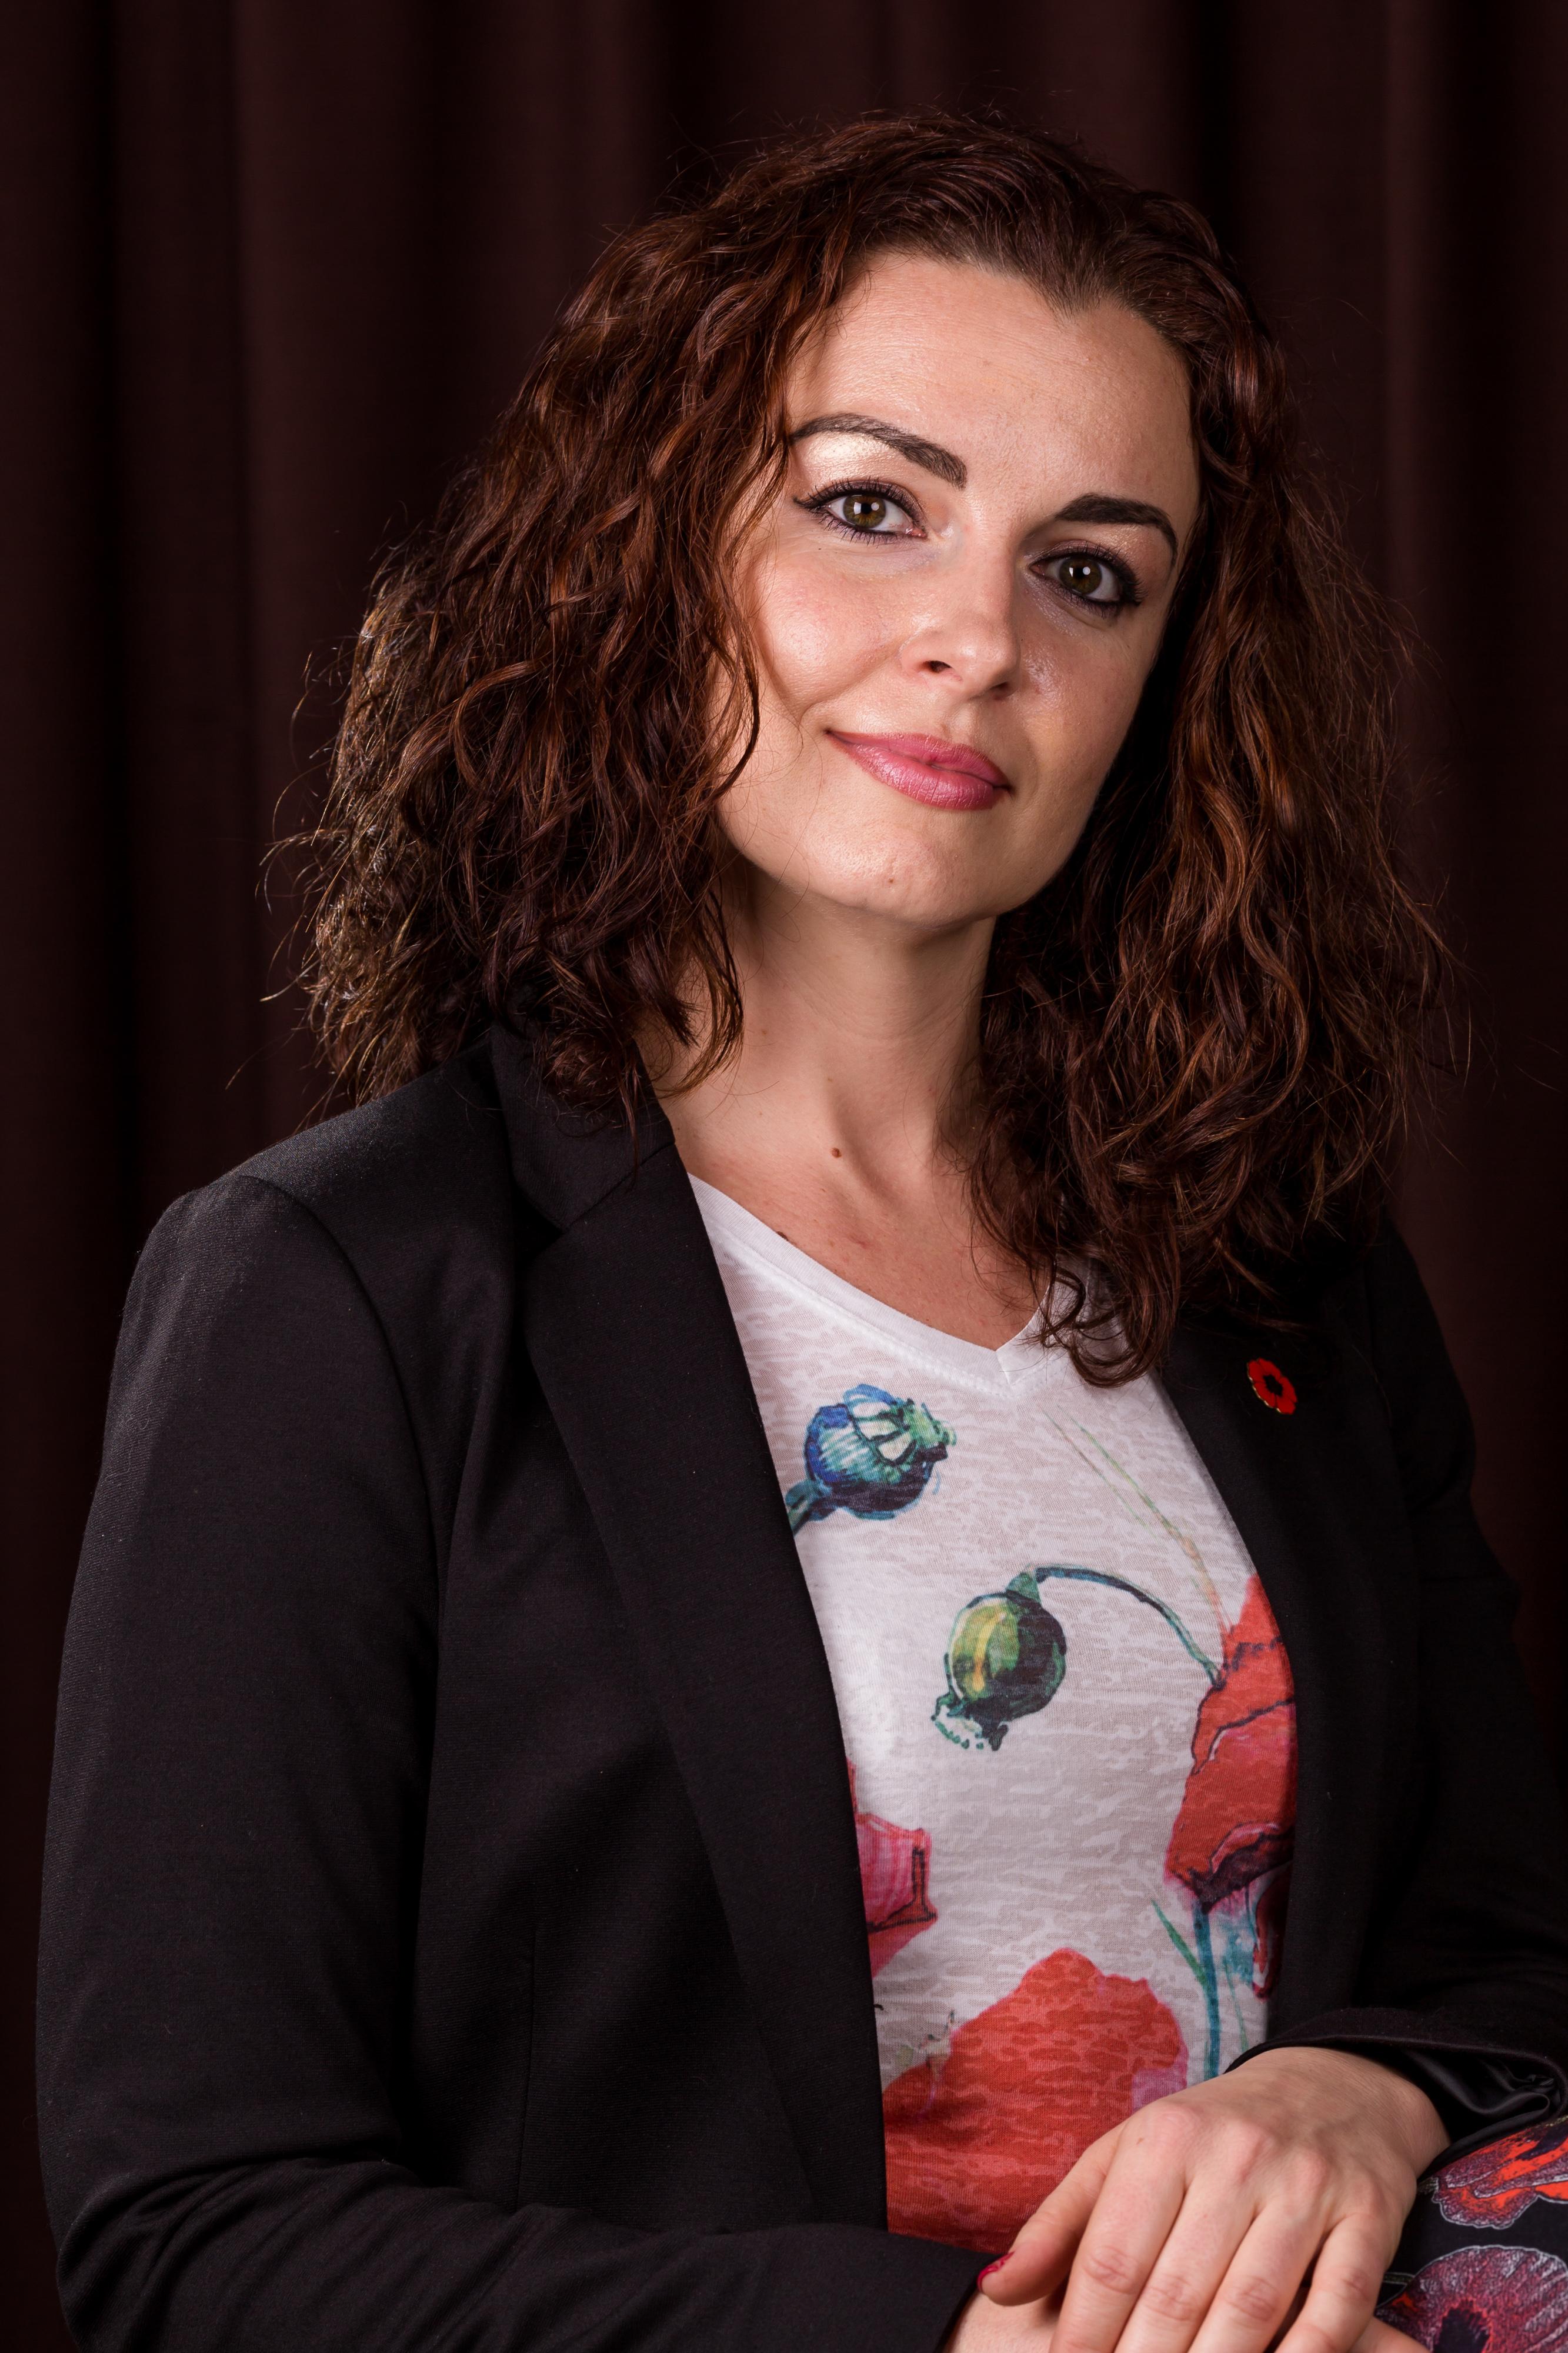 Олеся Ямпольская - сексолог и психотерапевт